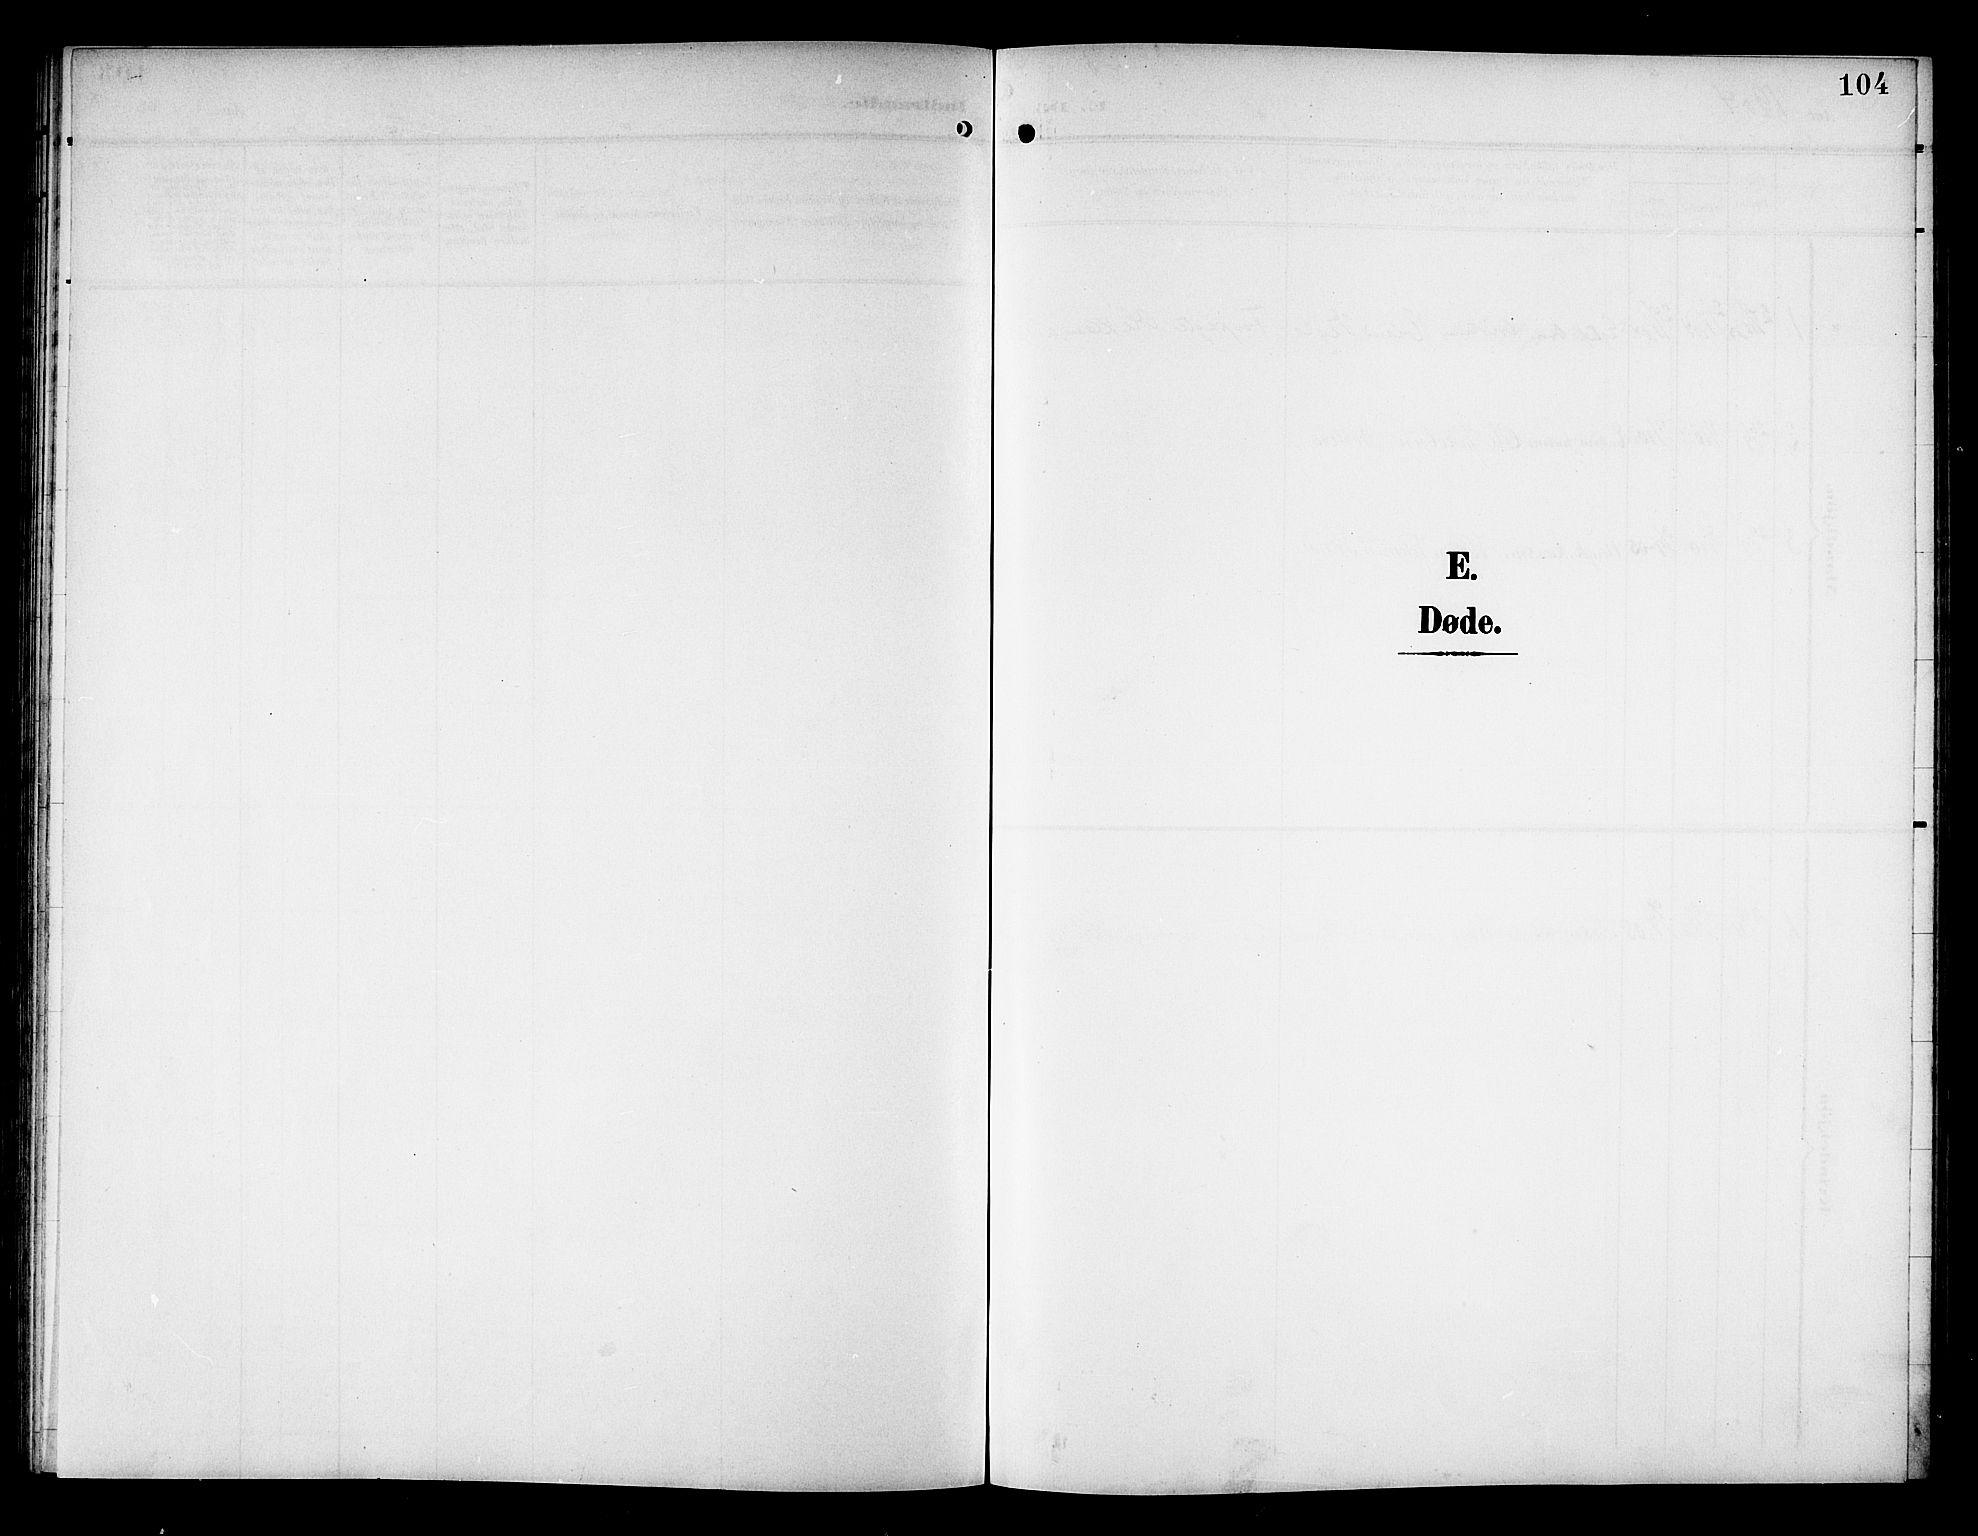 SAT, Ministerialprotokoller, klokkerbøker og fødselsregistre - Nord-Trøndelag, 757/L0506: Klokkerbok nr. 757C01, 1904-1922, s. 104